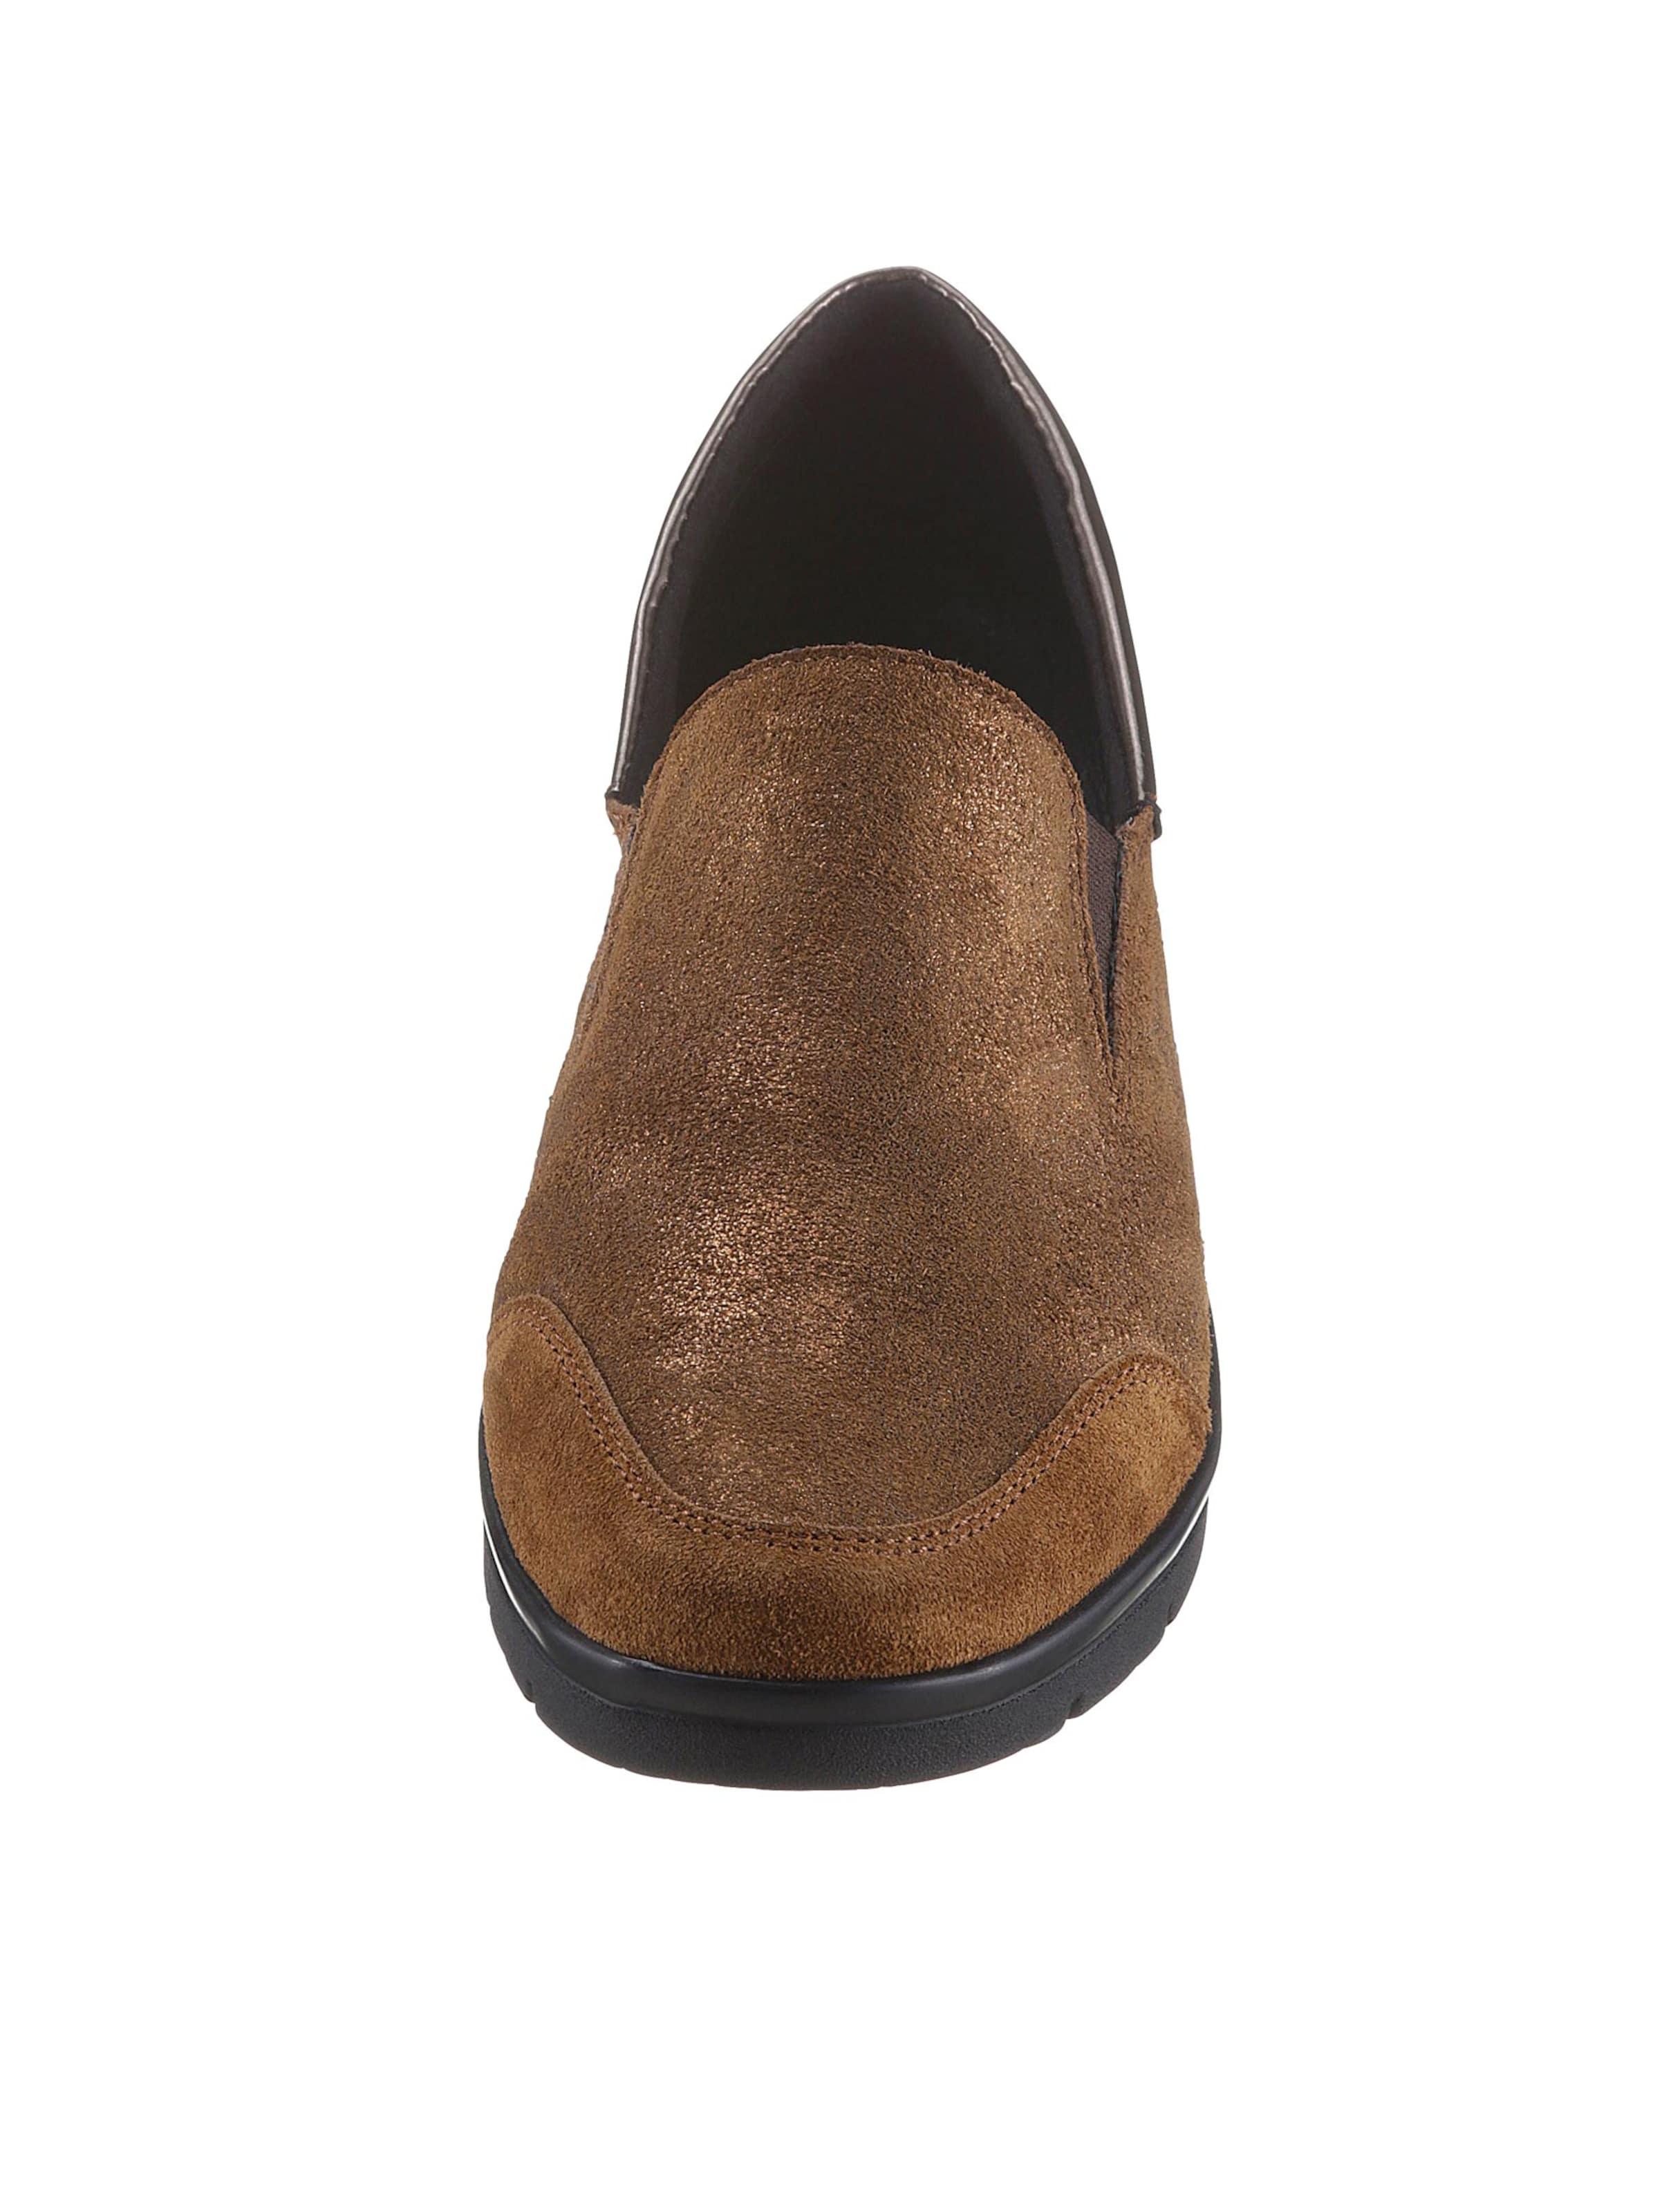 aco - Damen Slipper bronzefarben